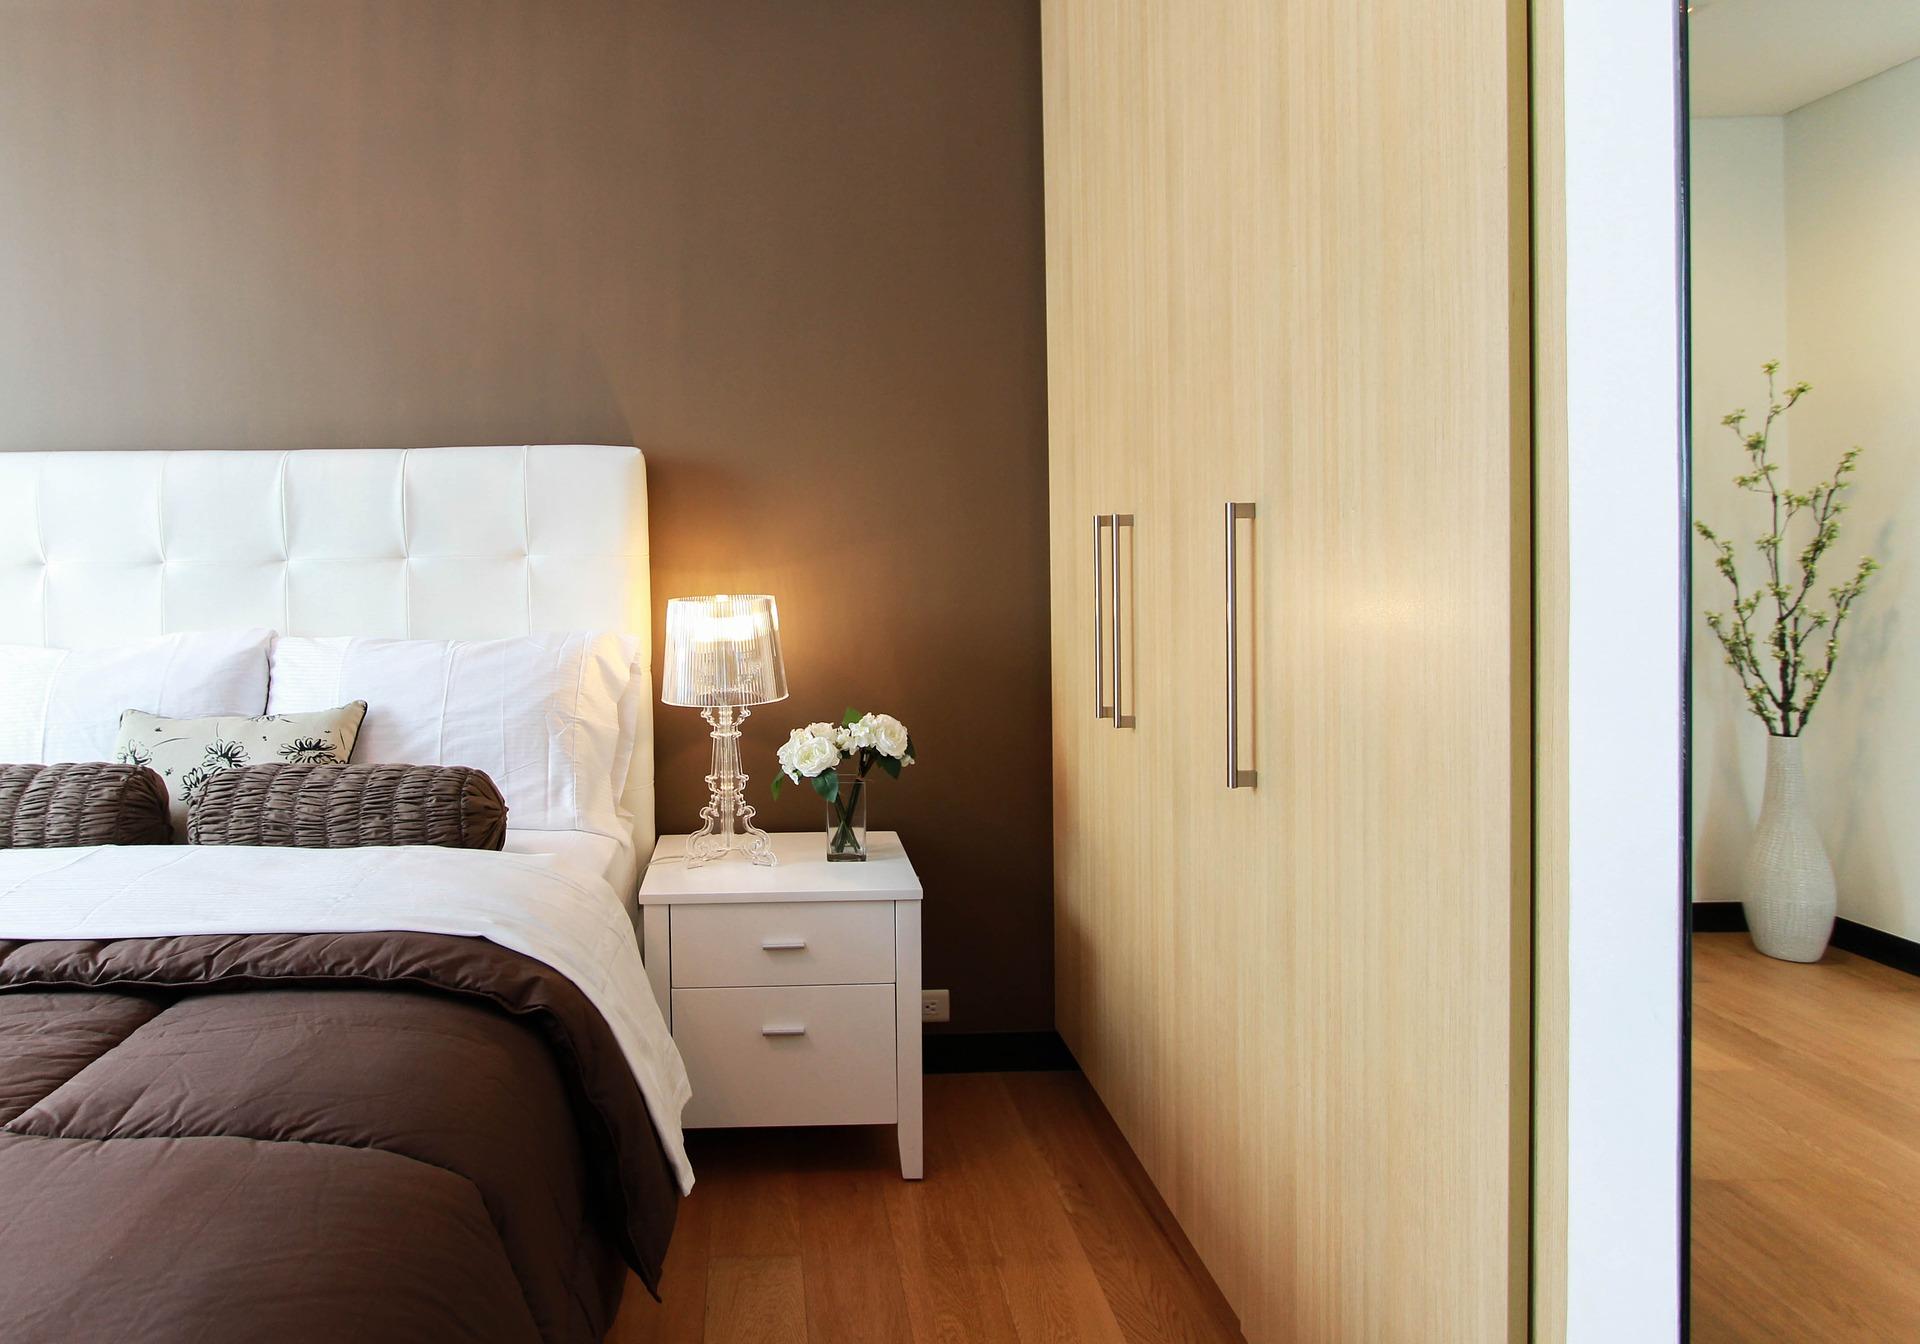 Slaapkamer Lamp Ideeen : Sfeervol inrichten van een slaapkamer nieuws startpagina voor